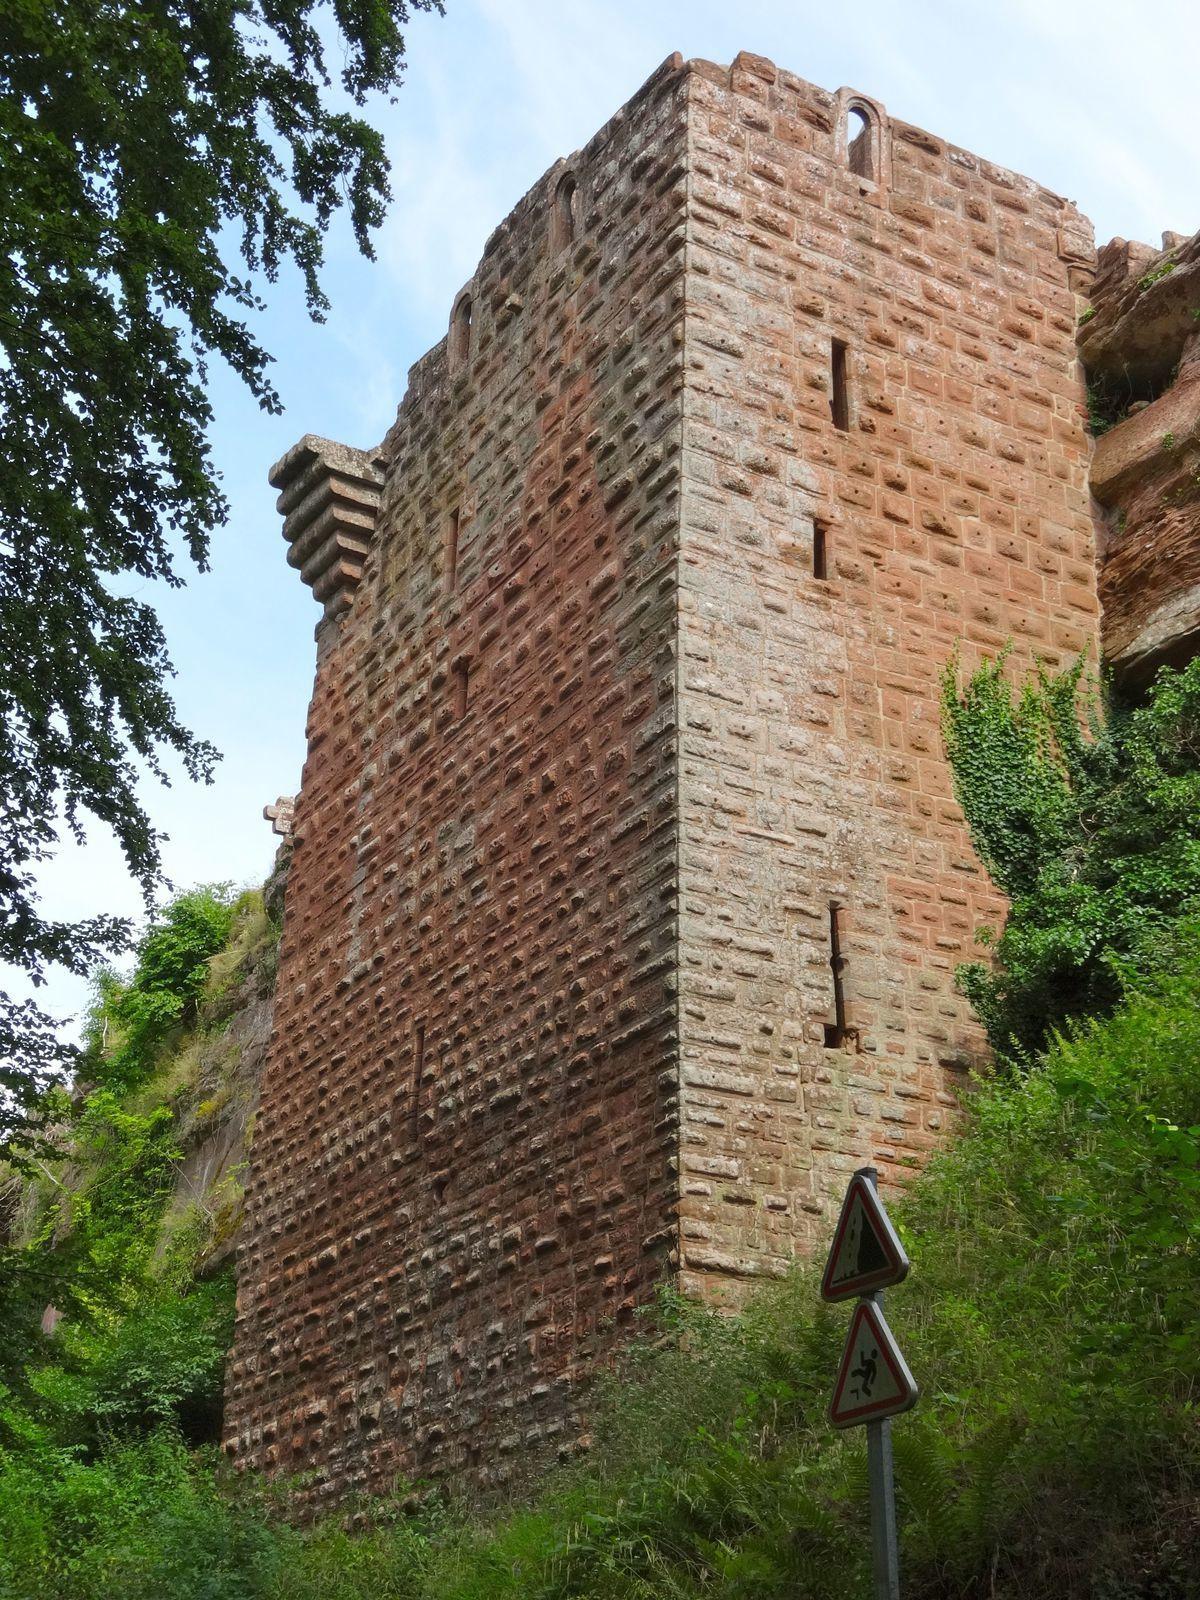 Découverte du beau château du Falkenstein.